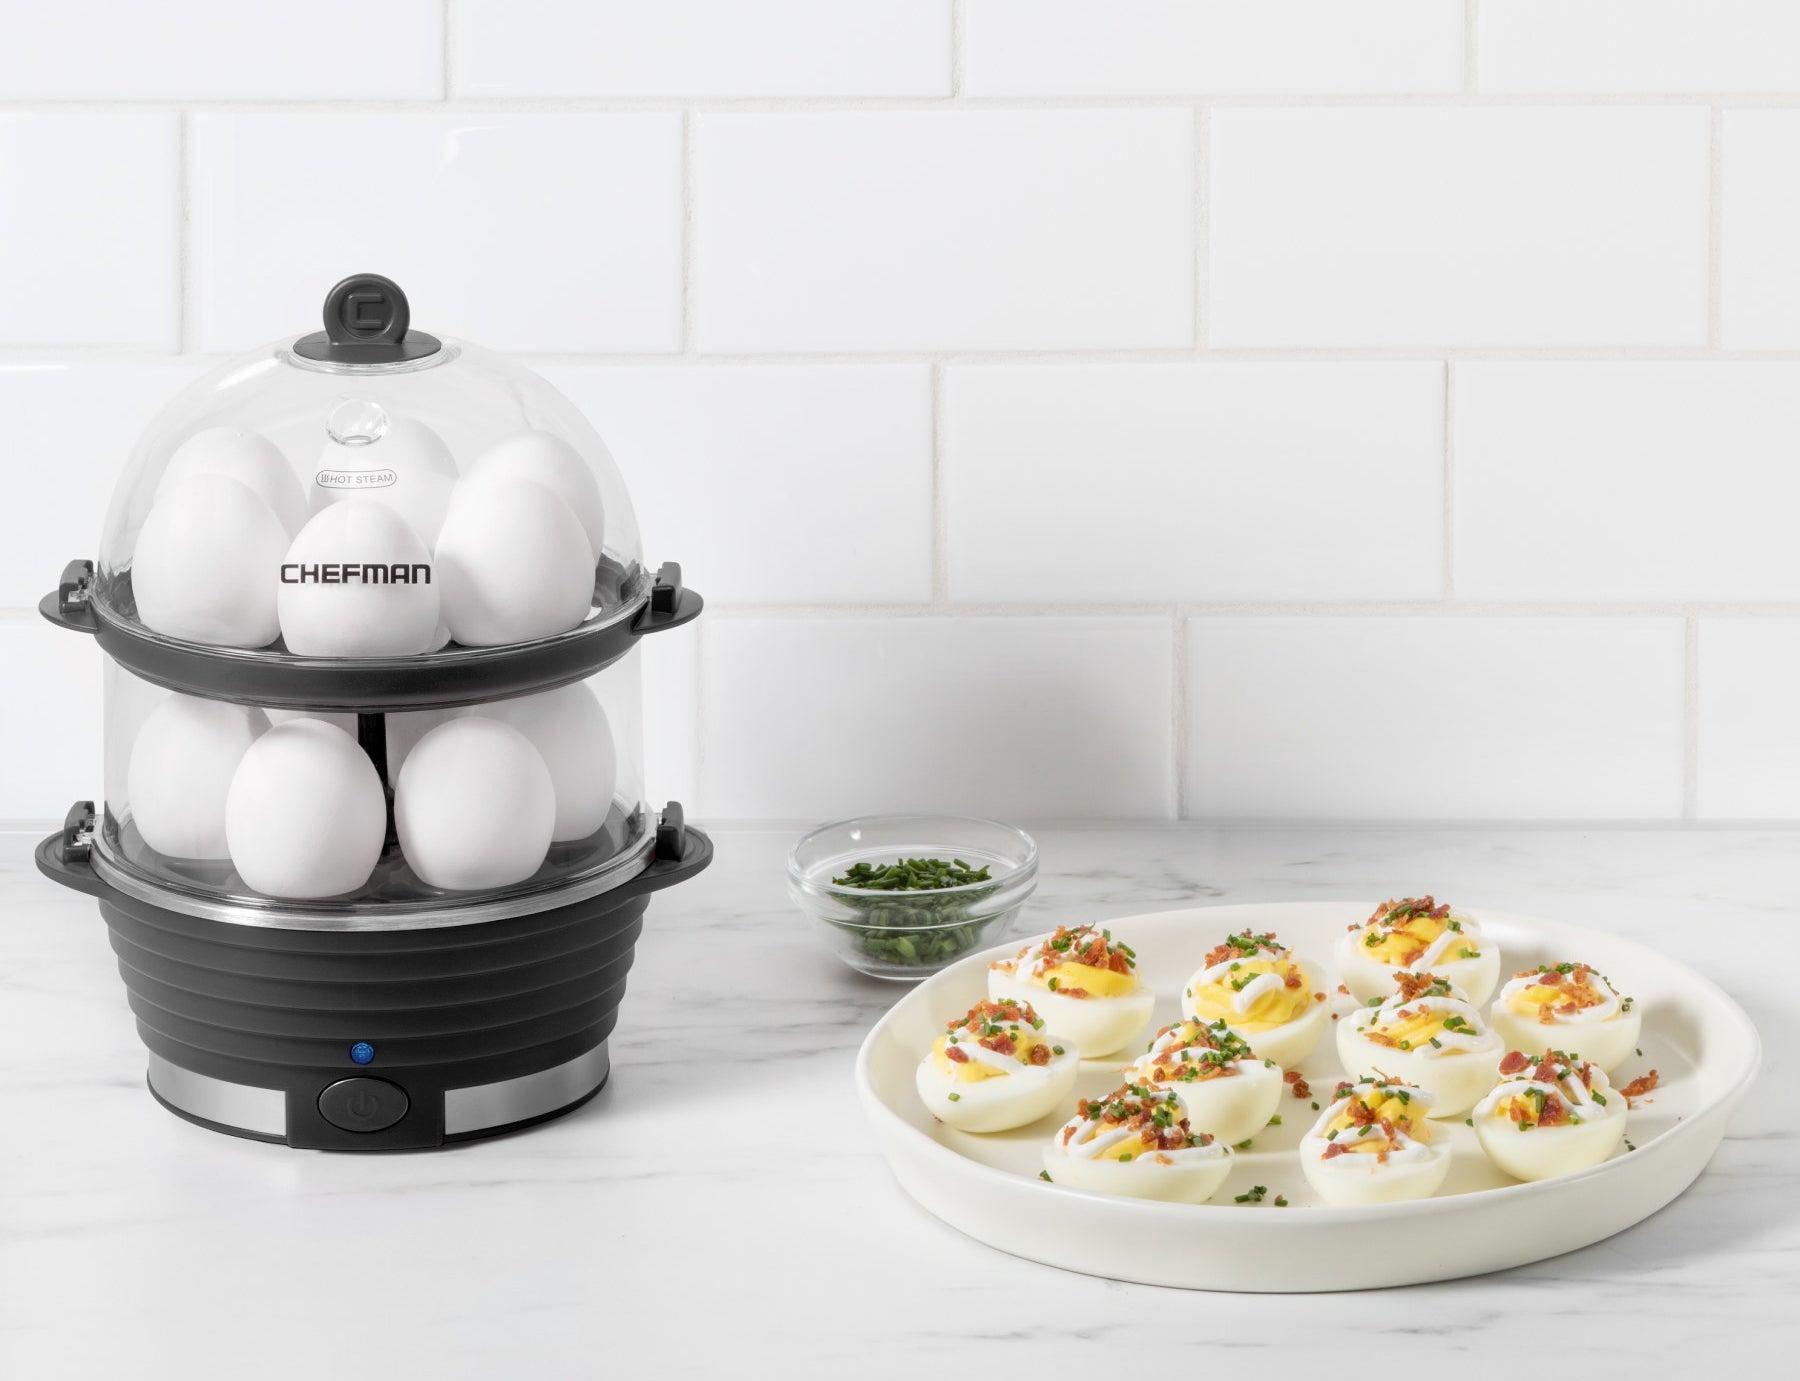 The black egg cooker